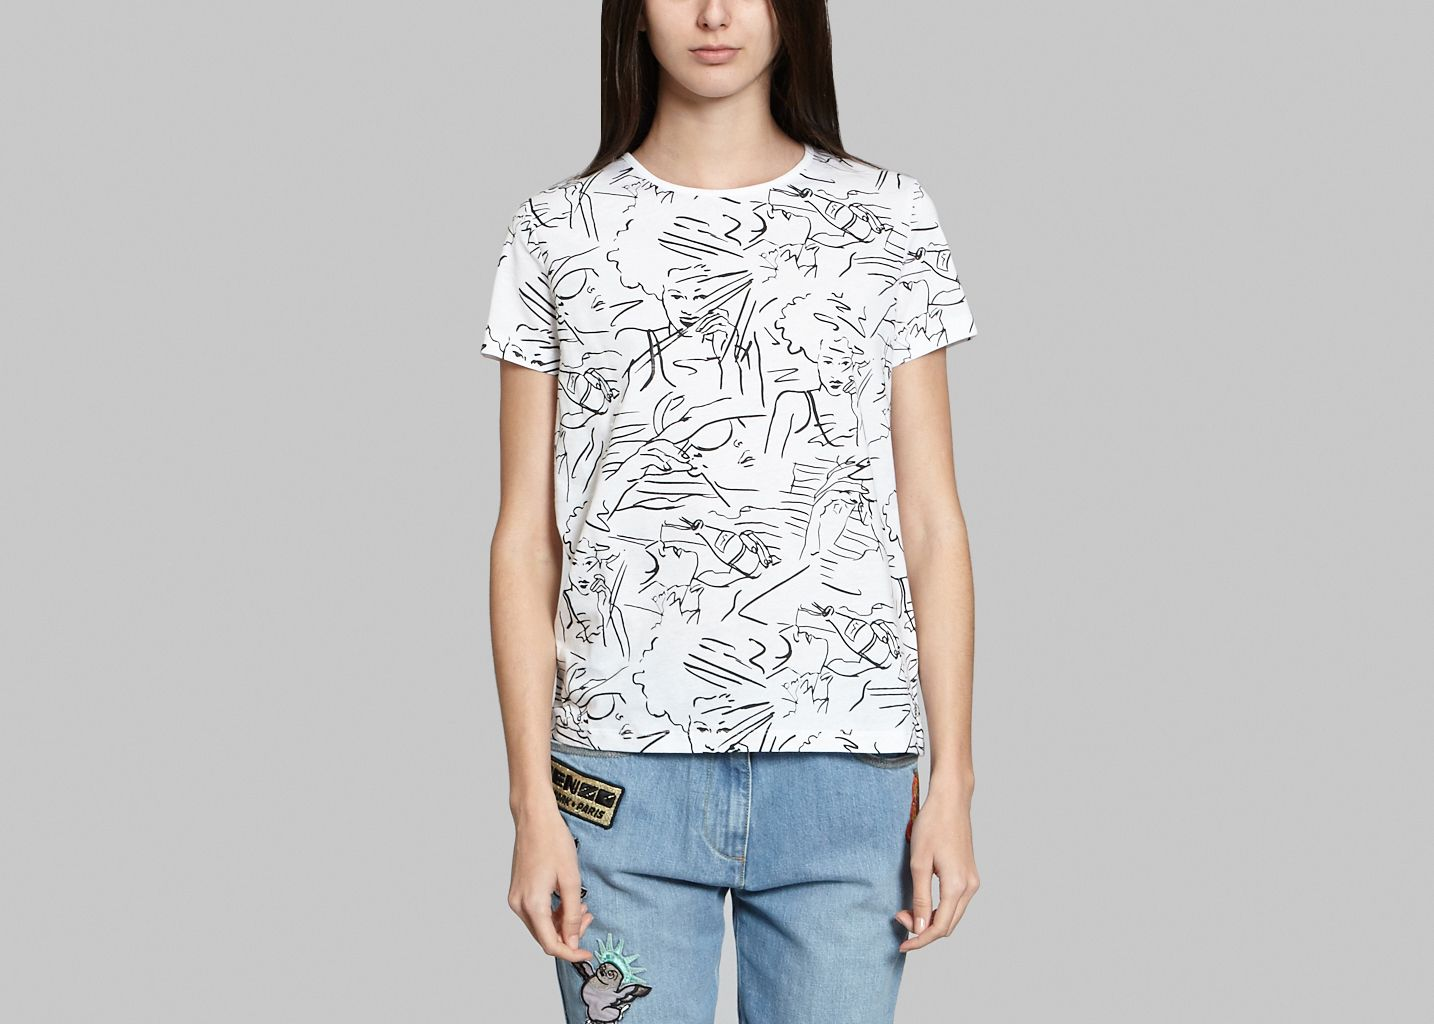 Tshirt Motifs - Kenzo